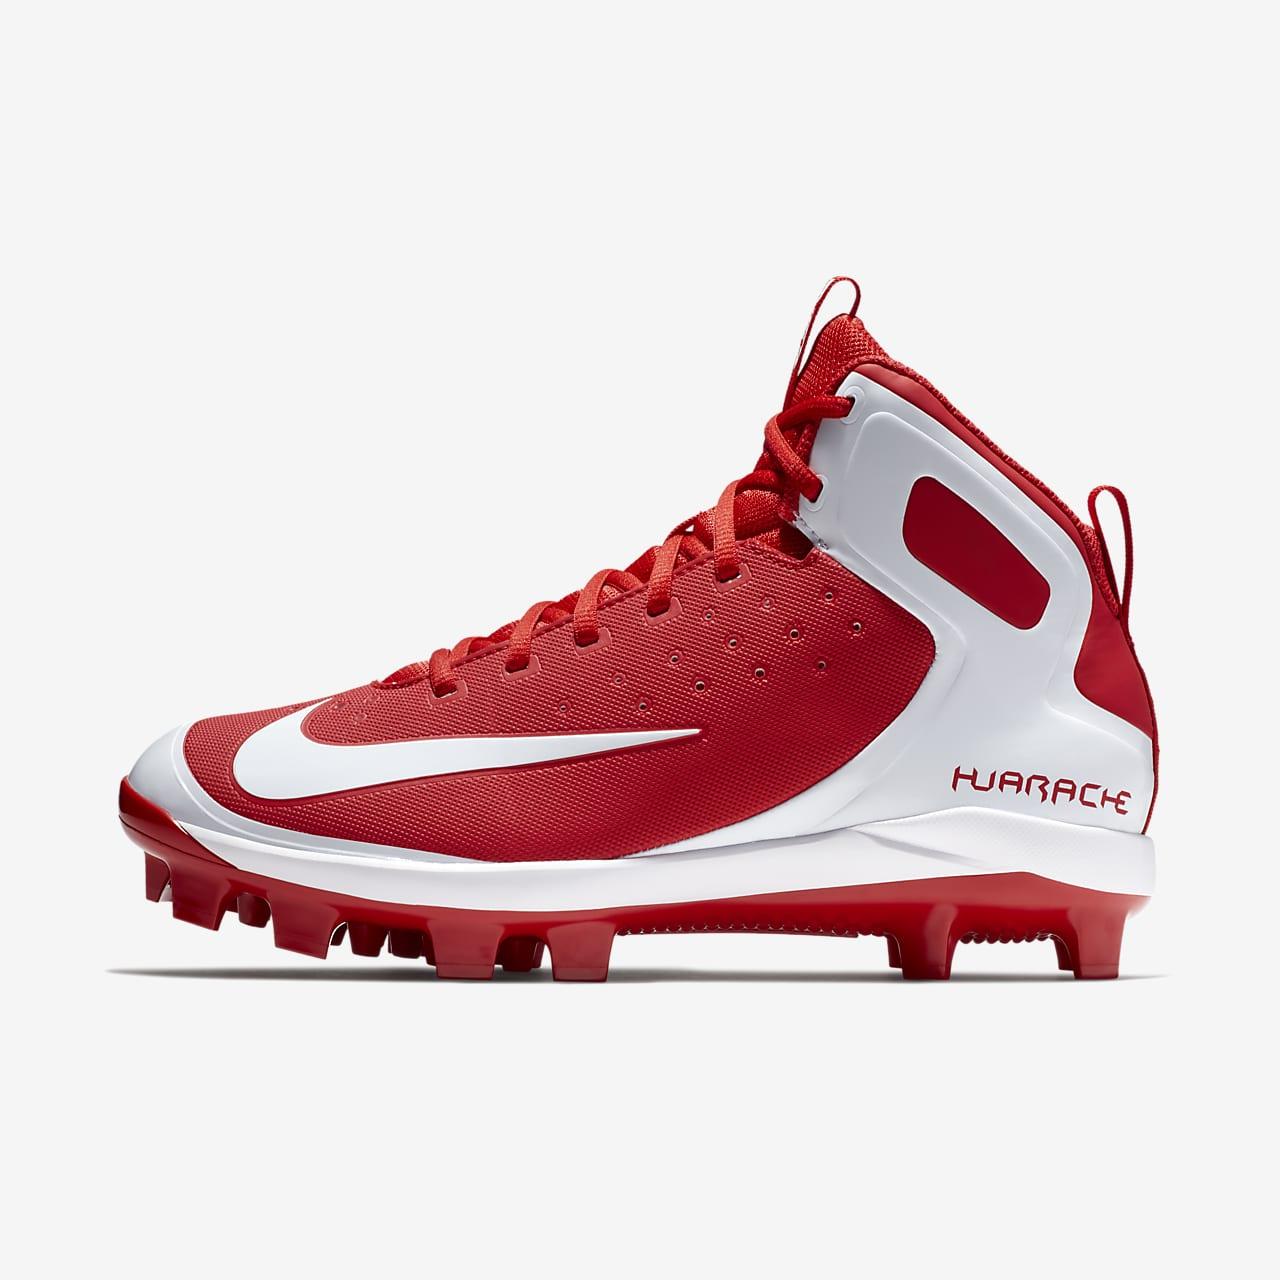 Nike Alpha Huarache Pro Mid MCS Men's